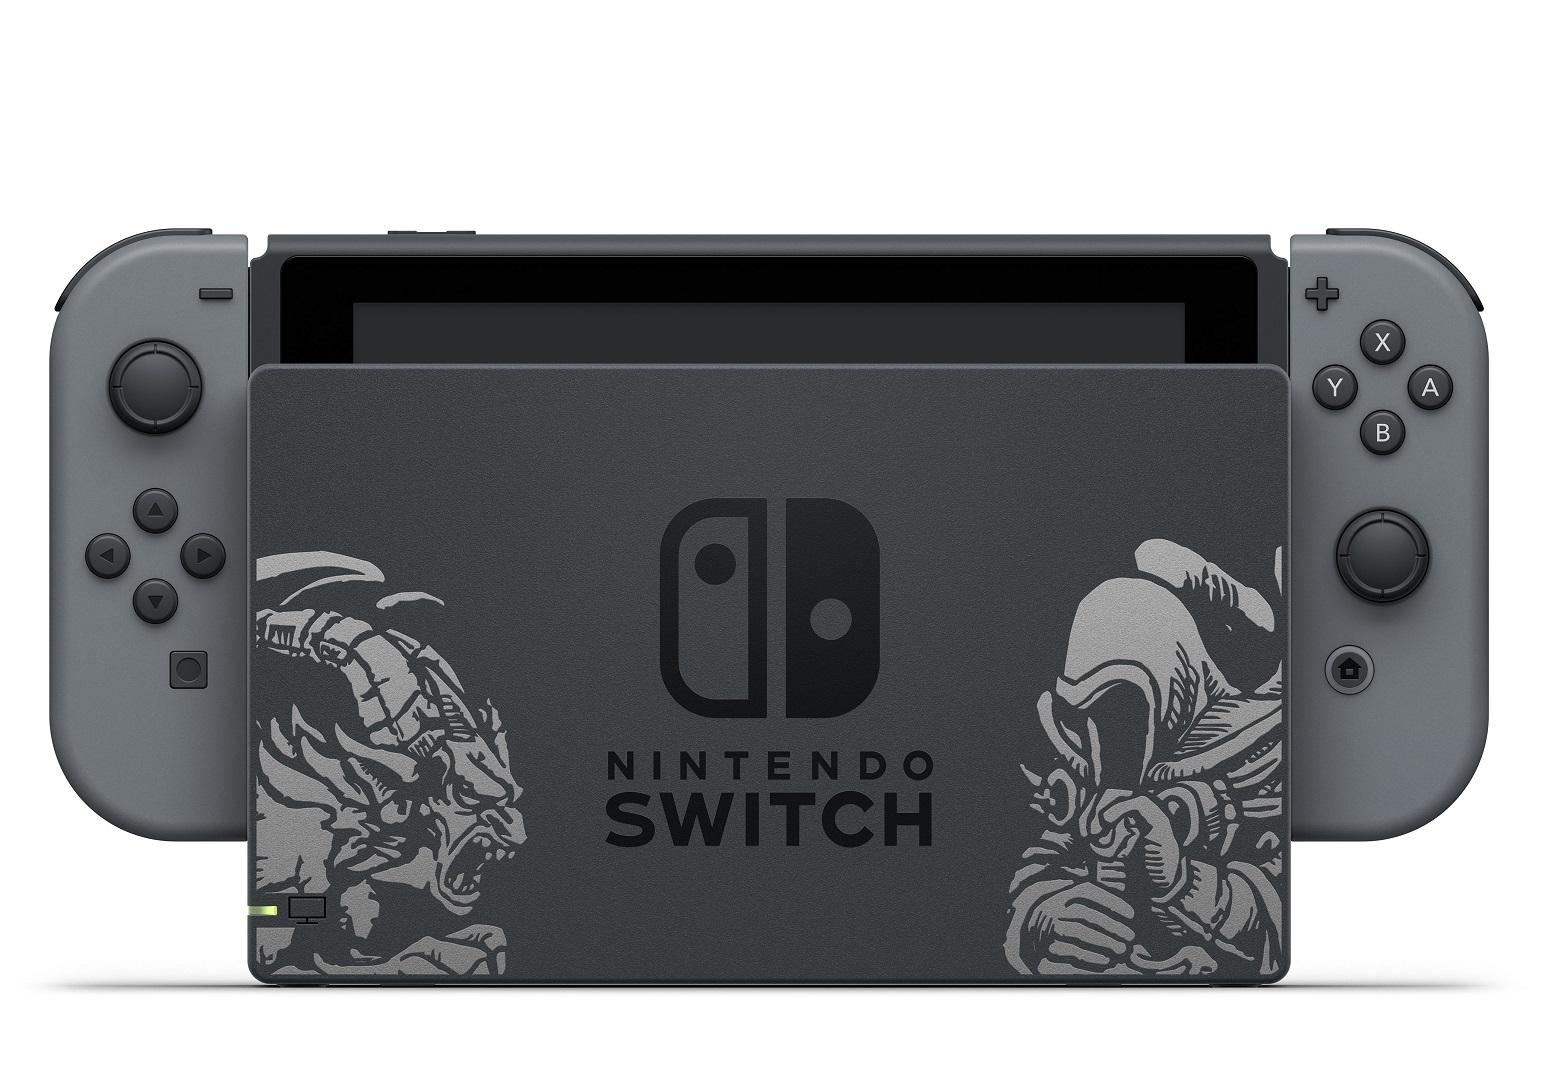 任天堂推出《暗黑破坏神3》限定版Switch主机